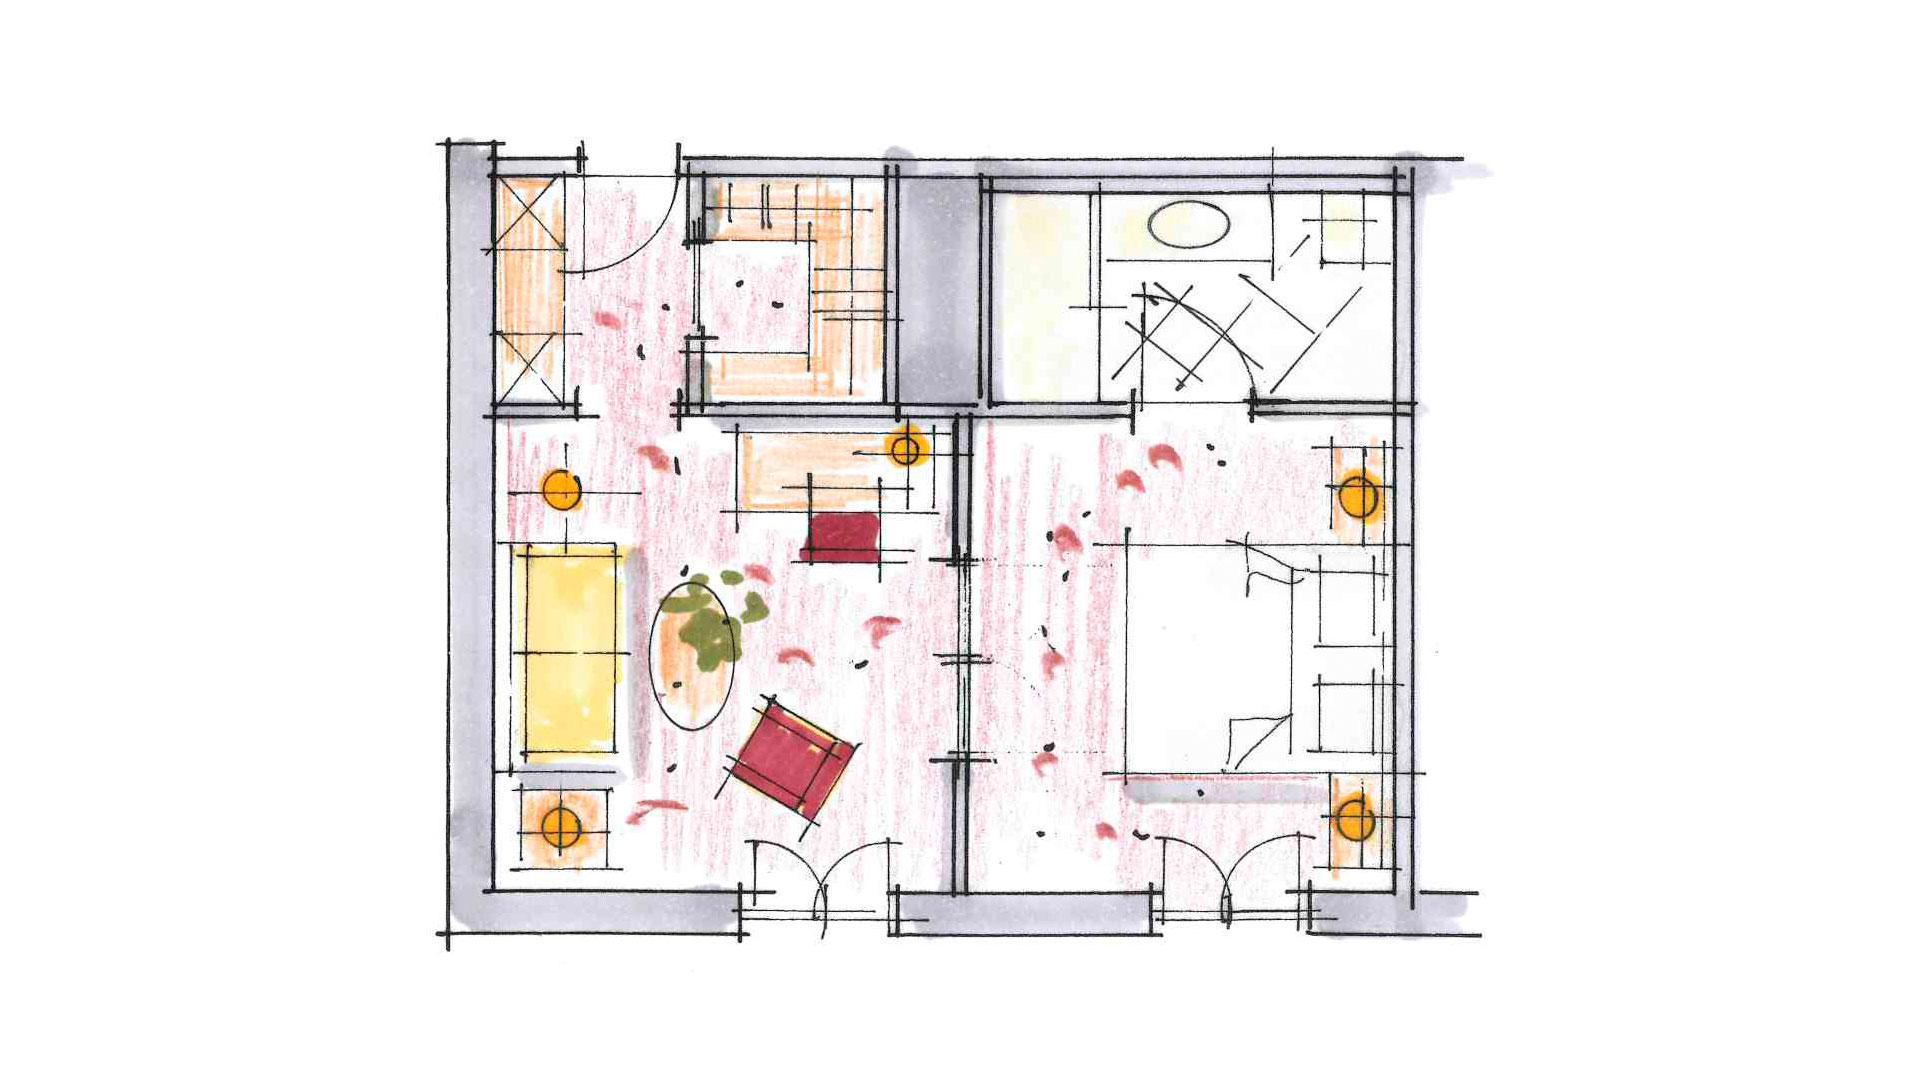 Planansicht vom Doppelzimmer Bellevue